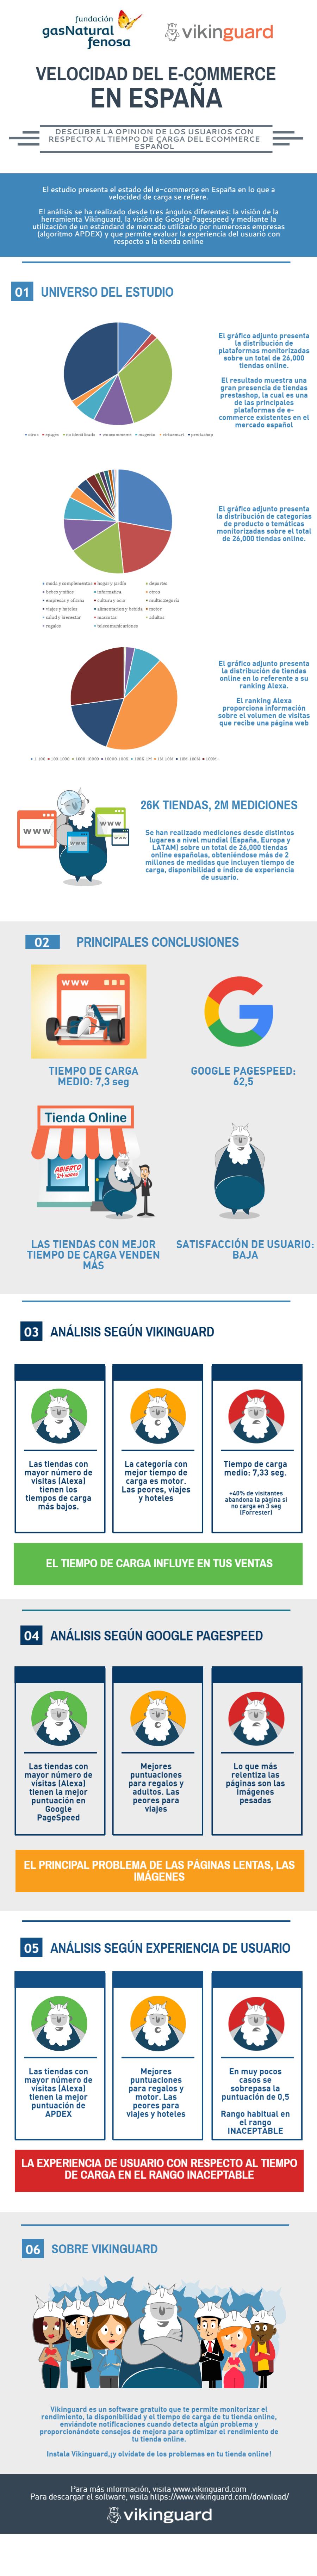 primer-estudio-velocidad-ecommerce-en-espana